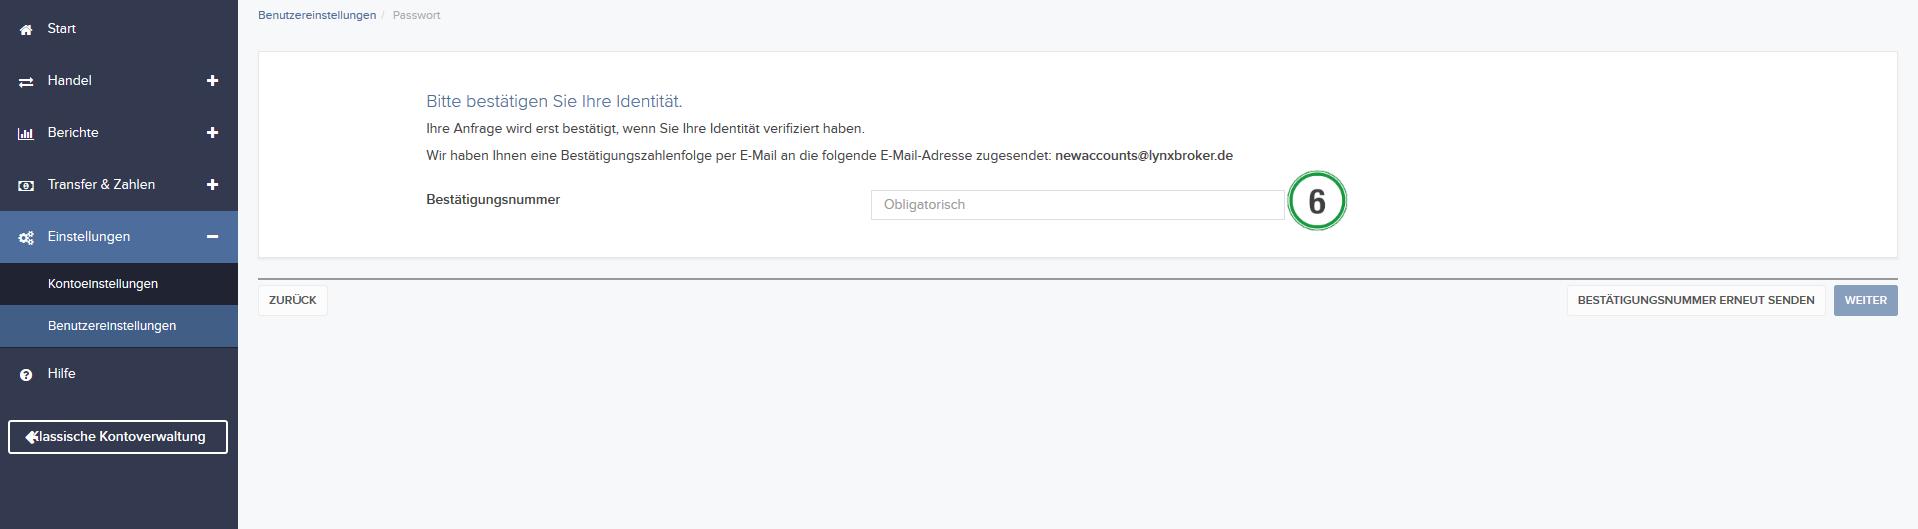 Hier können Sie nachvollziehen, wie Sie hier Passwort in der Kontoverwaltung ändern können.